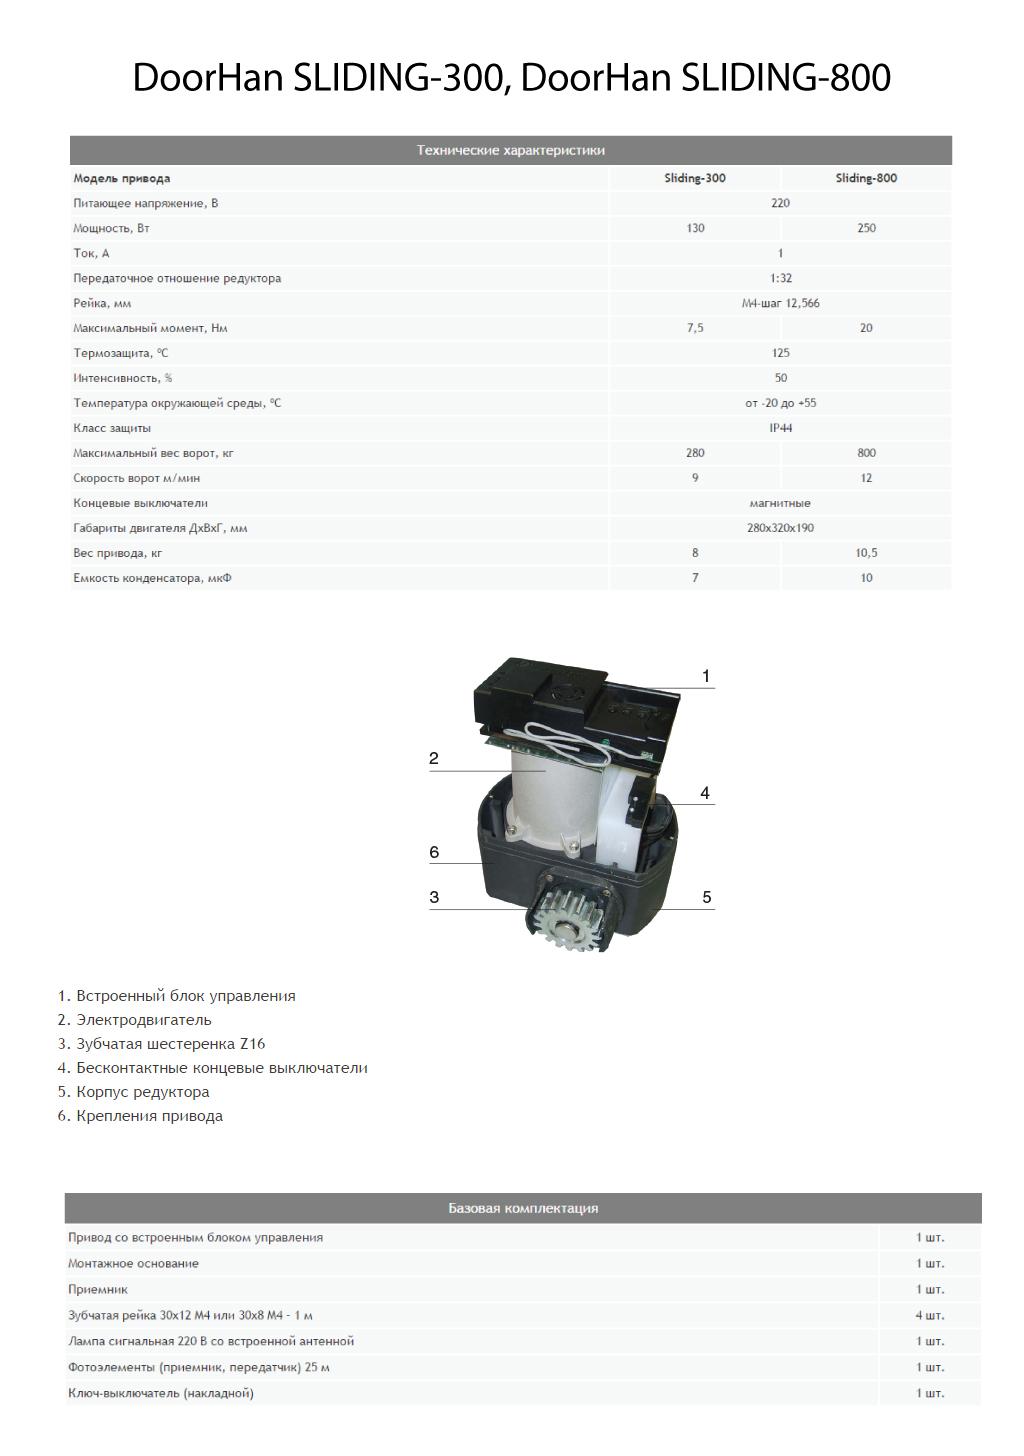 Автоматика для откатных ворот DoorHan SLIDING-300, SLIDING-800 - технические характеристики